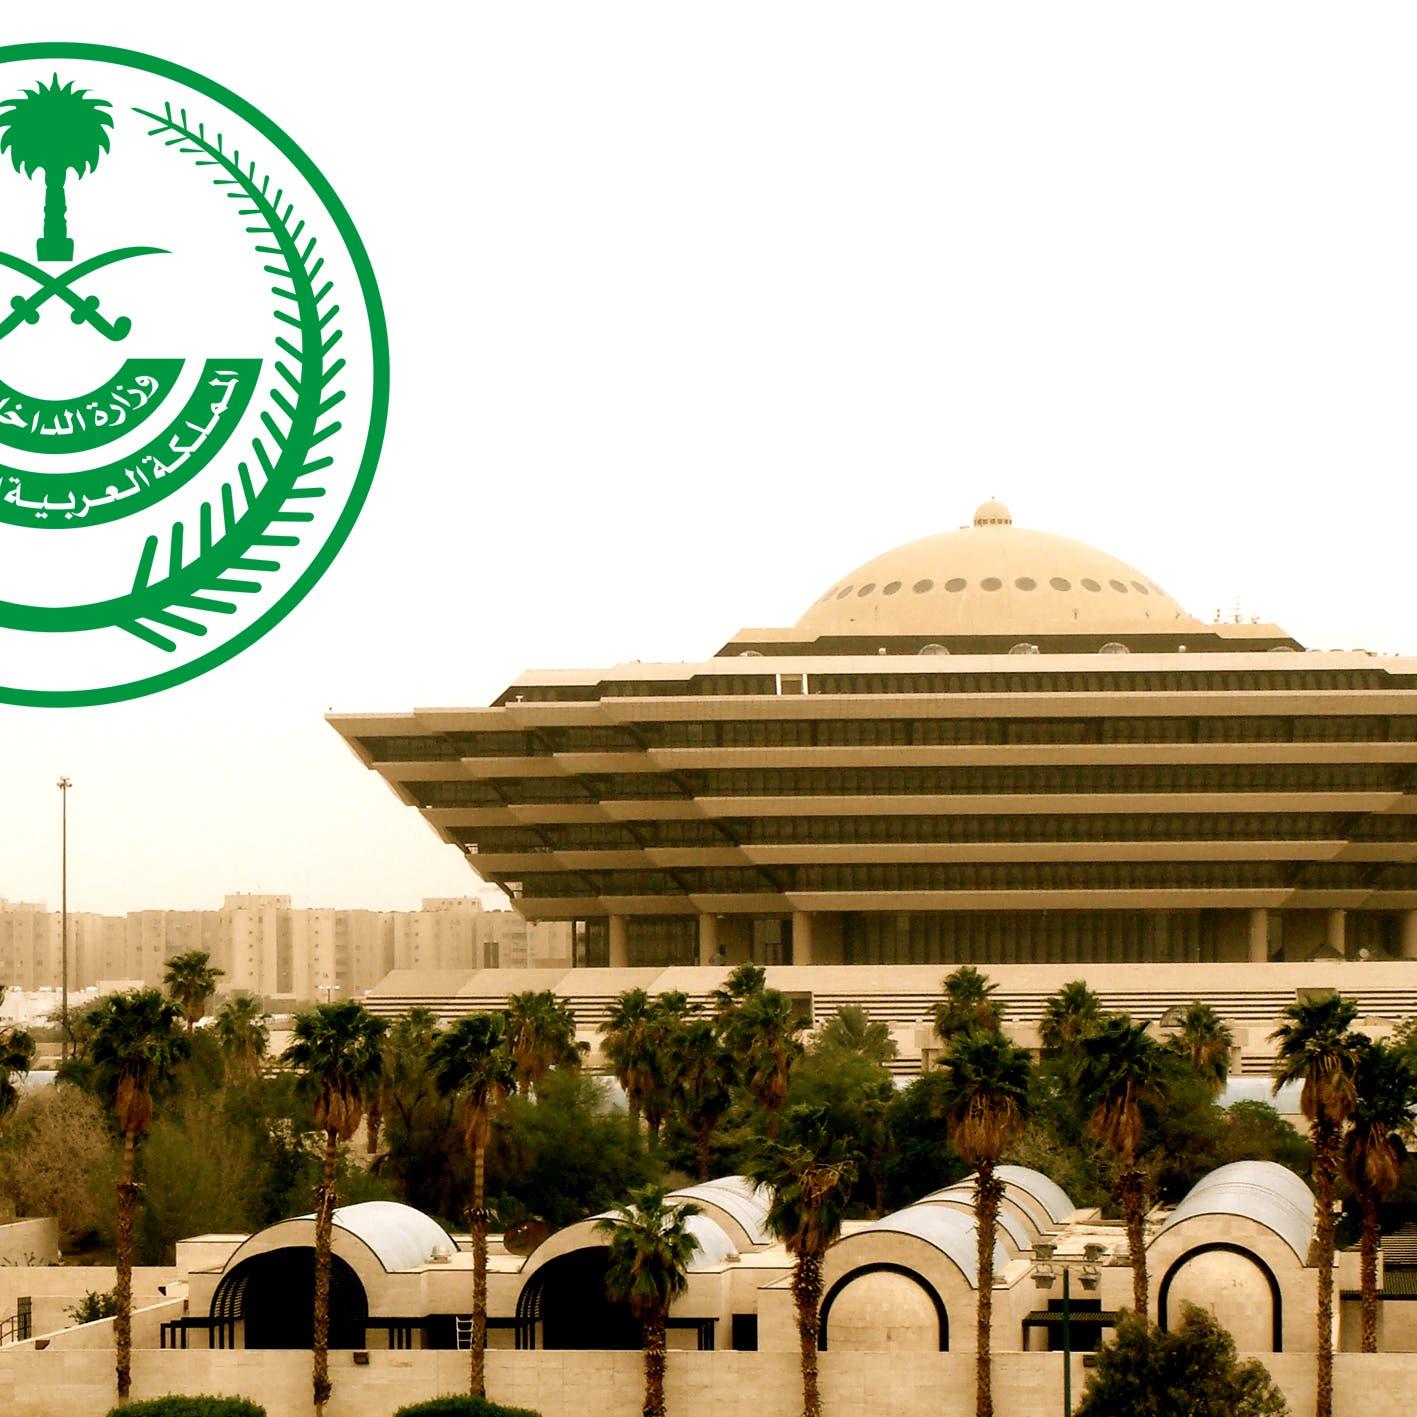 السعودية تمنع السفر لإندونيسيا لحين استقرار وضعها الوبائي